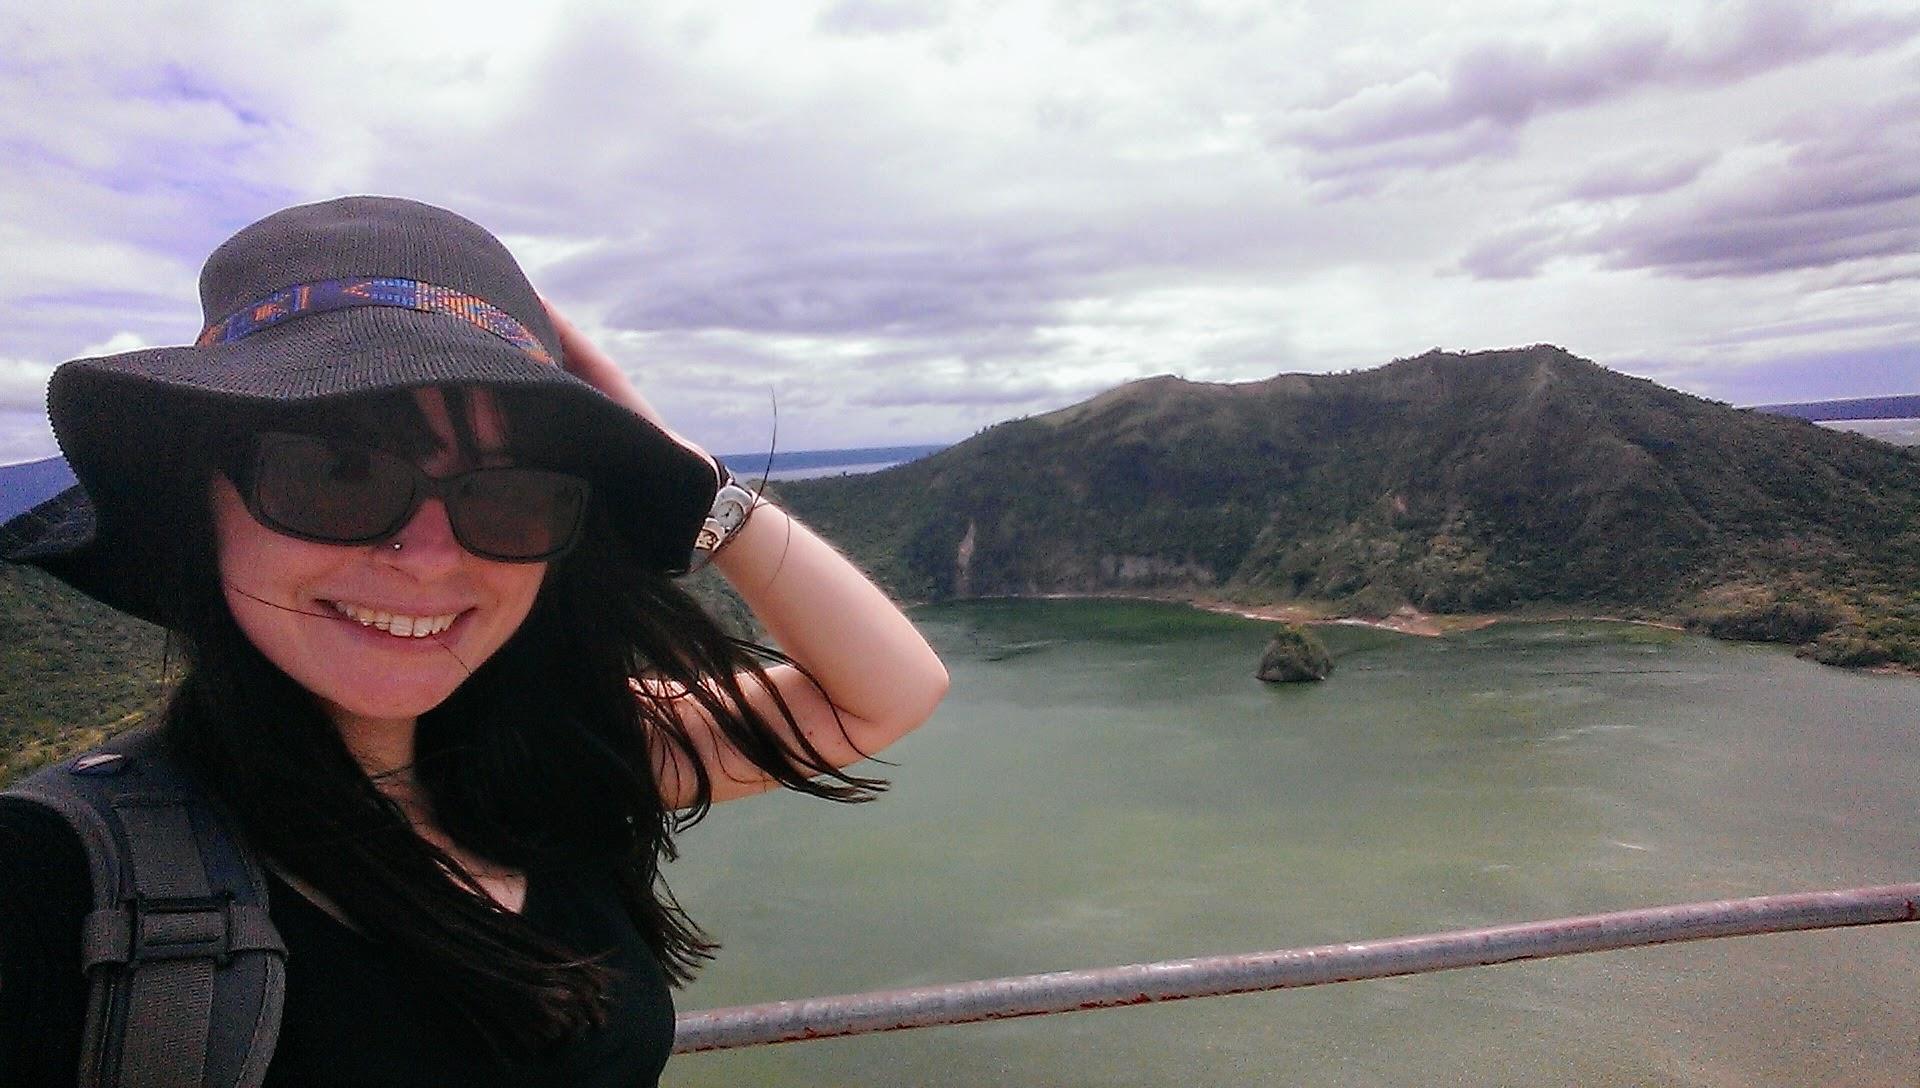 Rachel standing in front of Taal Volcano, Philippines